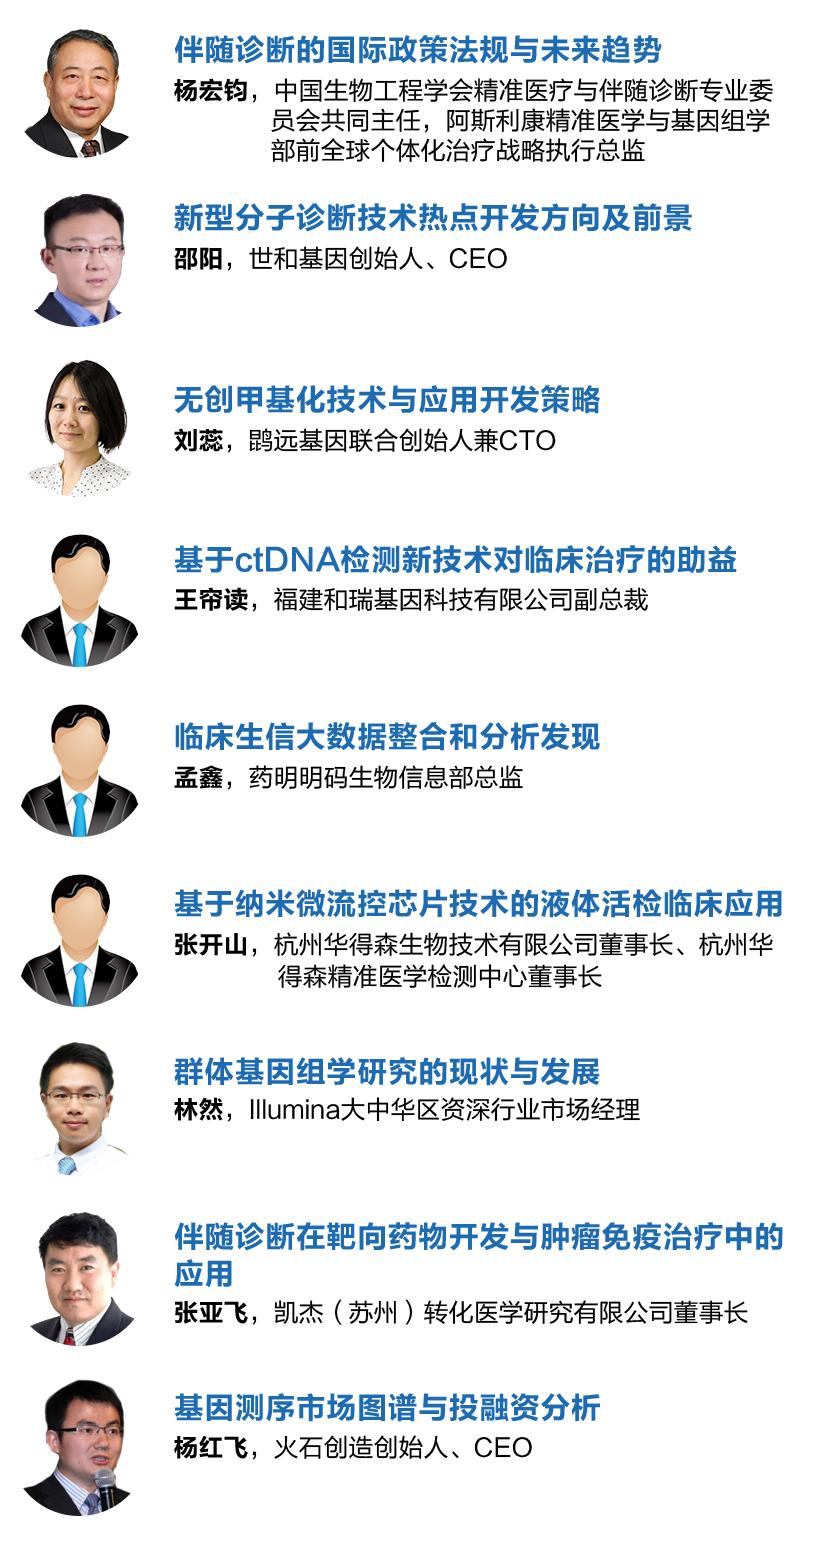 2018第三届国际精准医疗大会 P4 China